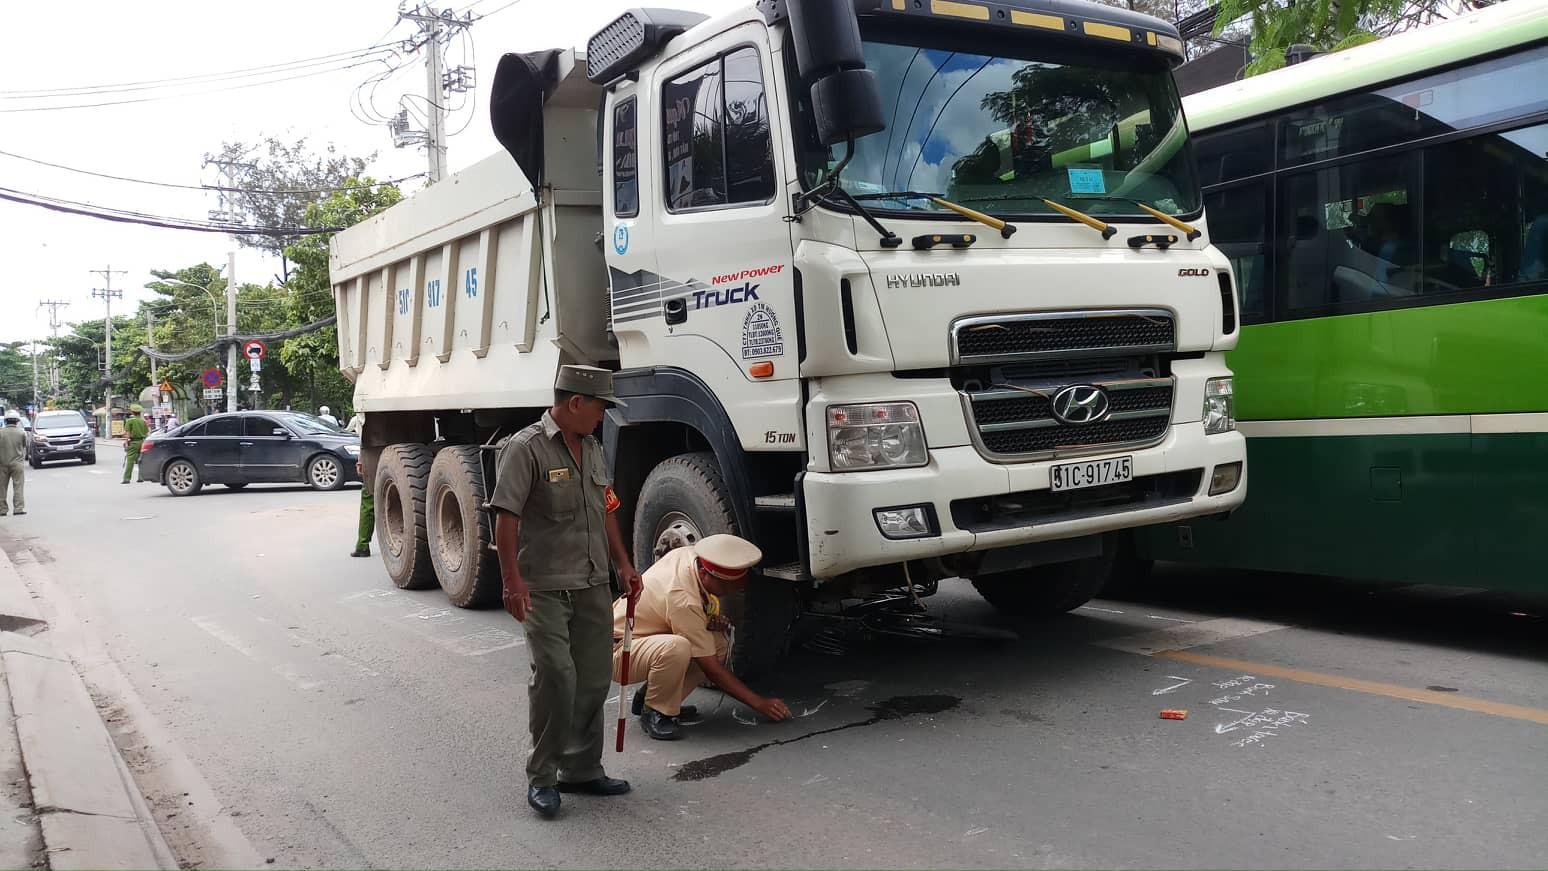 Va chạm với xe ben, cụ ông bị bánh xe cán qua người tử vong ở Sài Gòn - Ảnh 1.